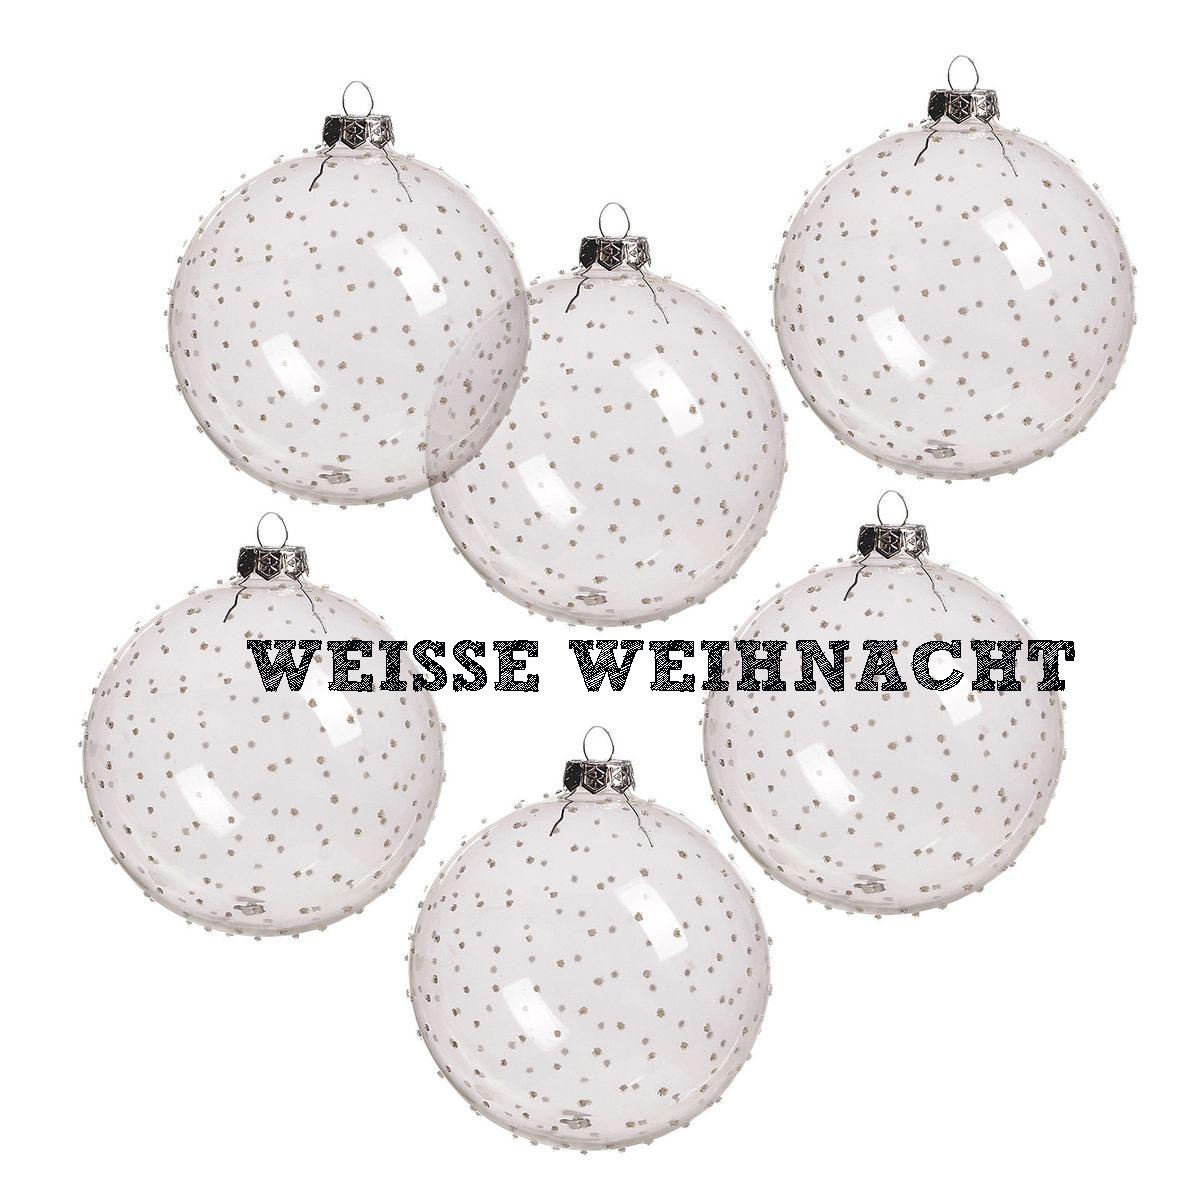 Wei e weihnacht life of larimare for Hellweg weihnachtsbaum